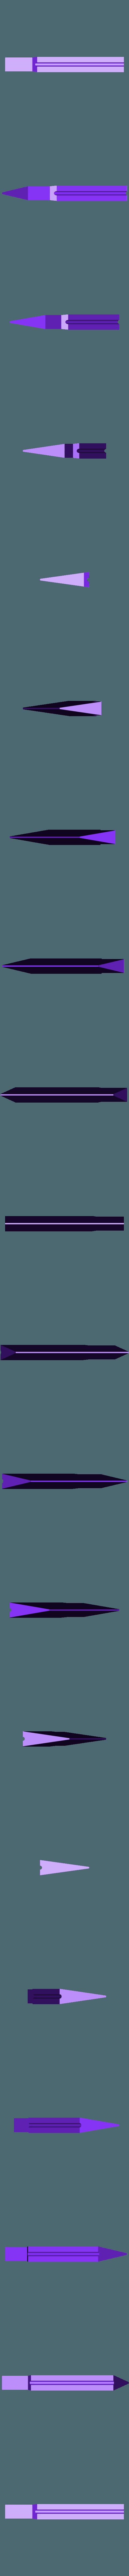 300x300x350 - Silver - Blade - Part 5.stl Download STL file Final Fantasy VII - Buster Sword - Bracelet - Shoulder pad  • 3D print model, 3Dutchie